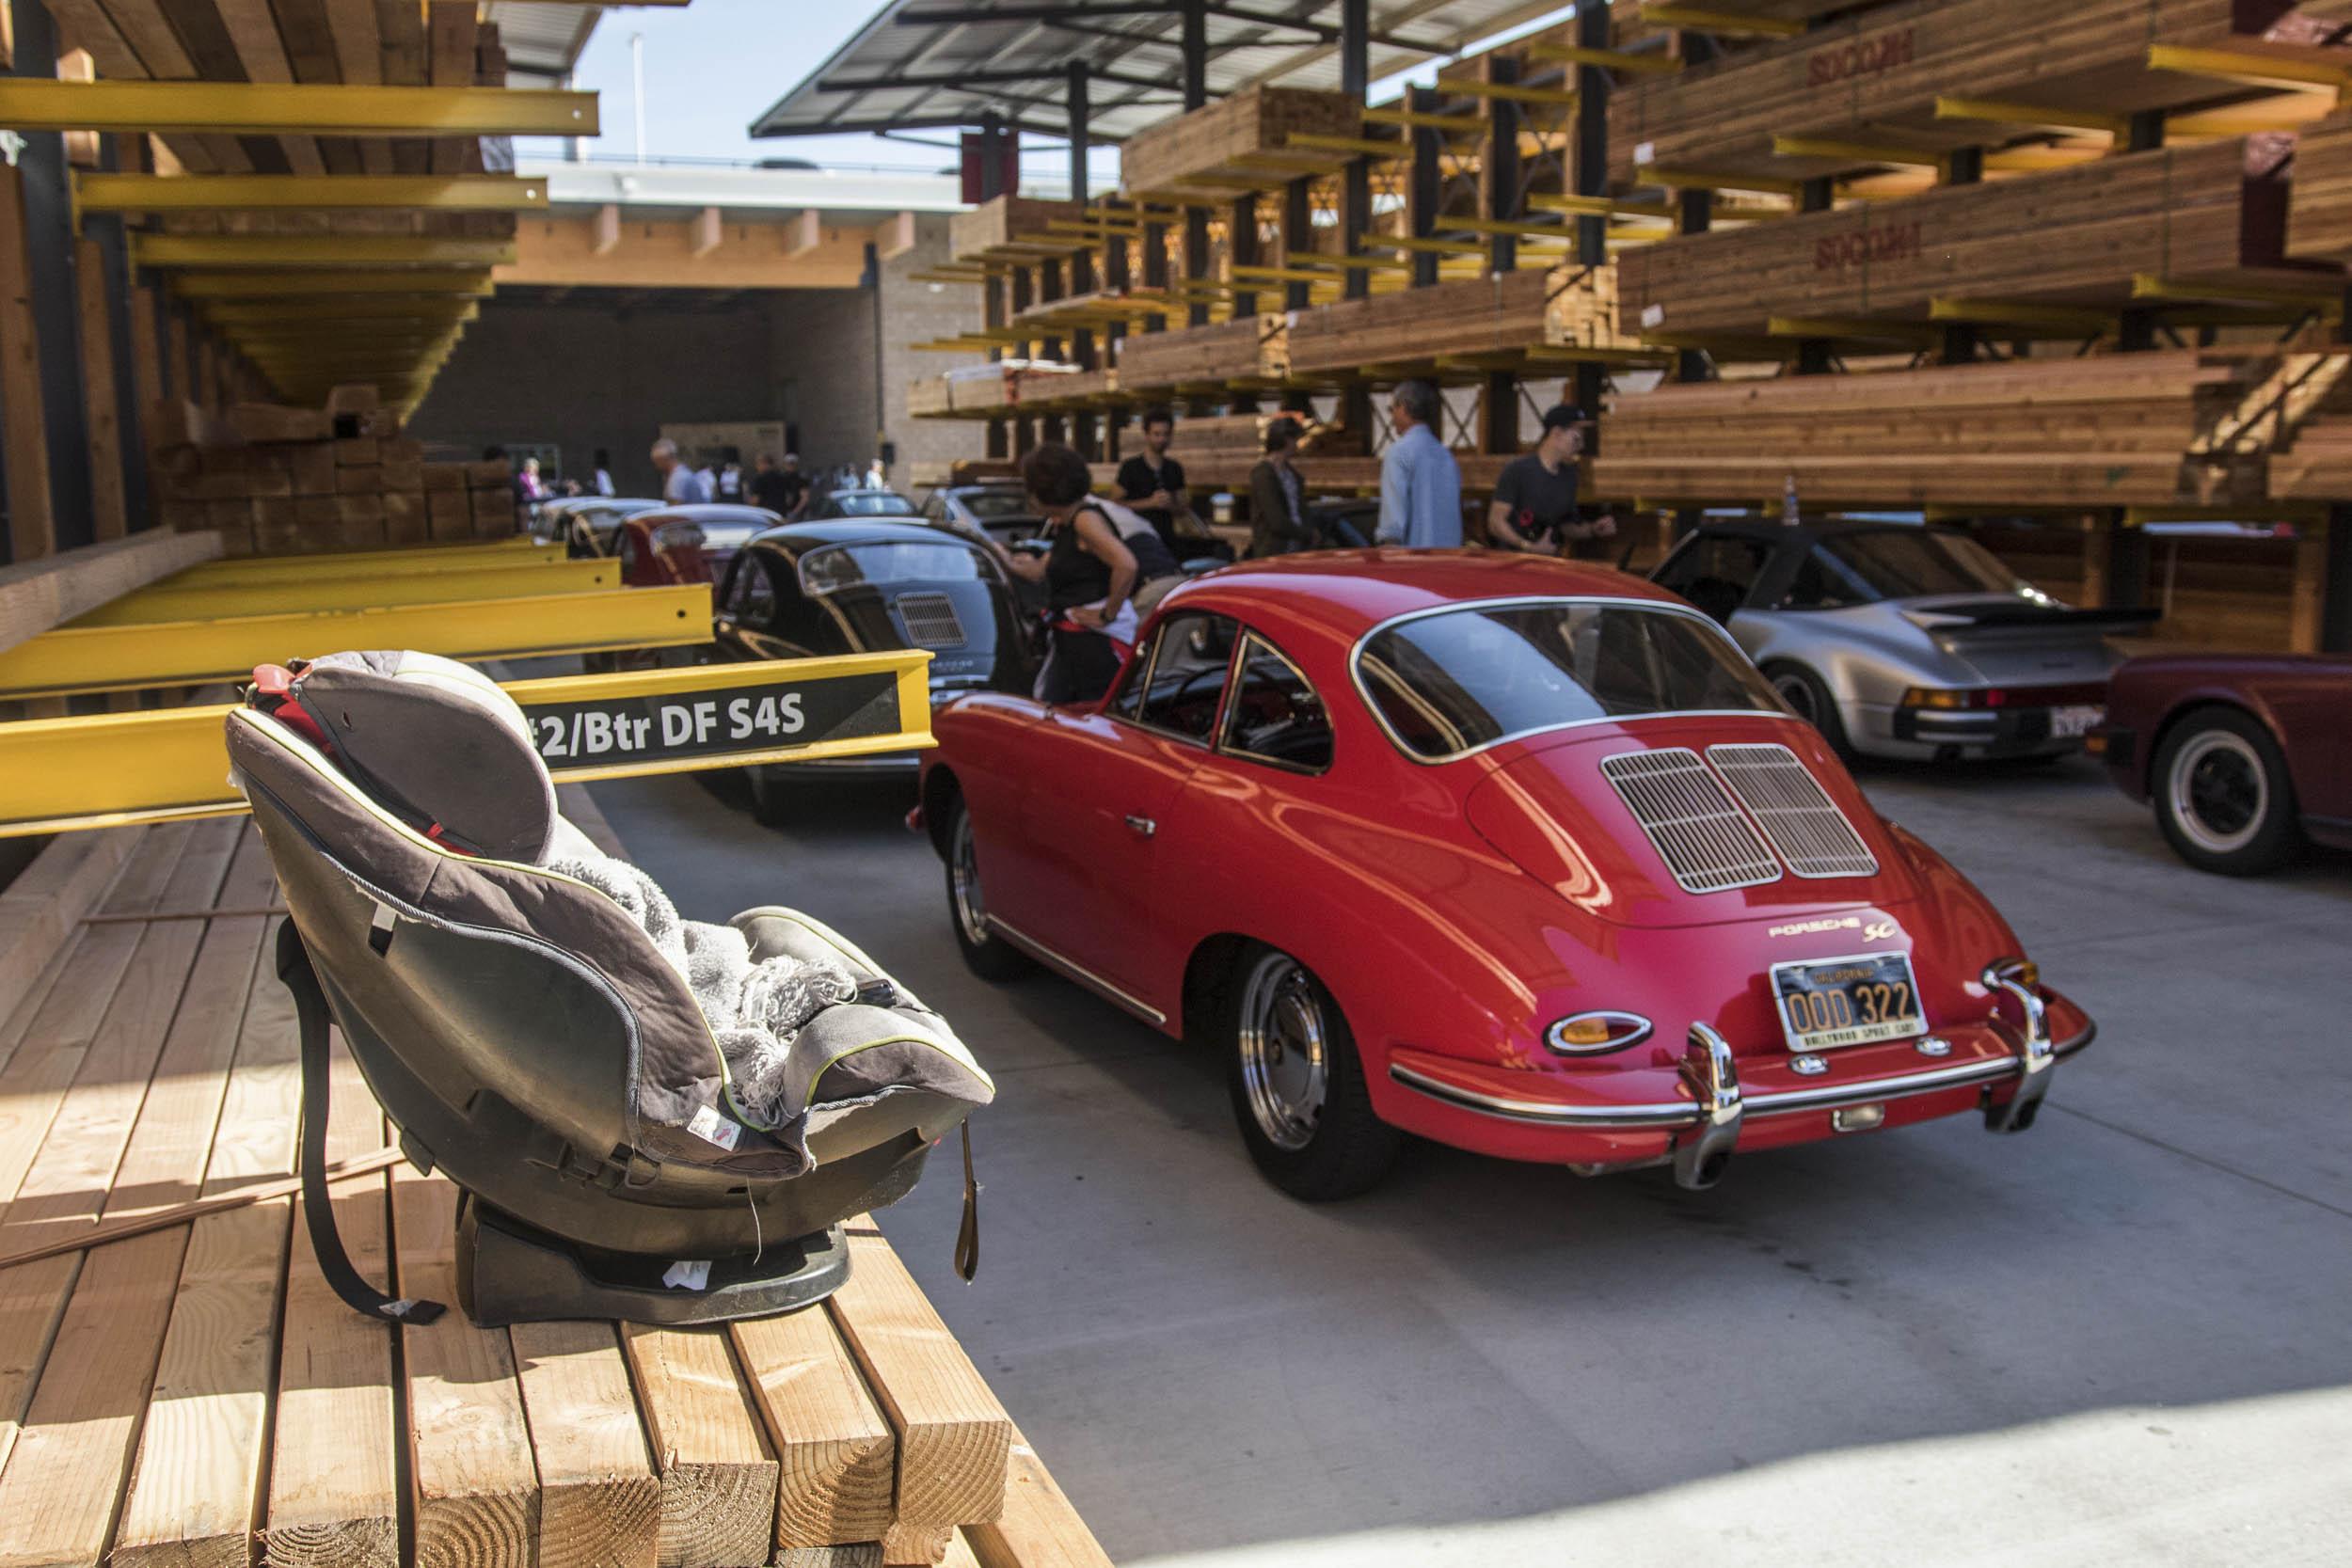 Porsche 911SC in the wood ille